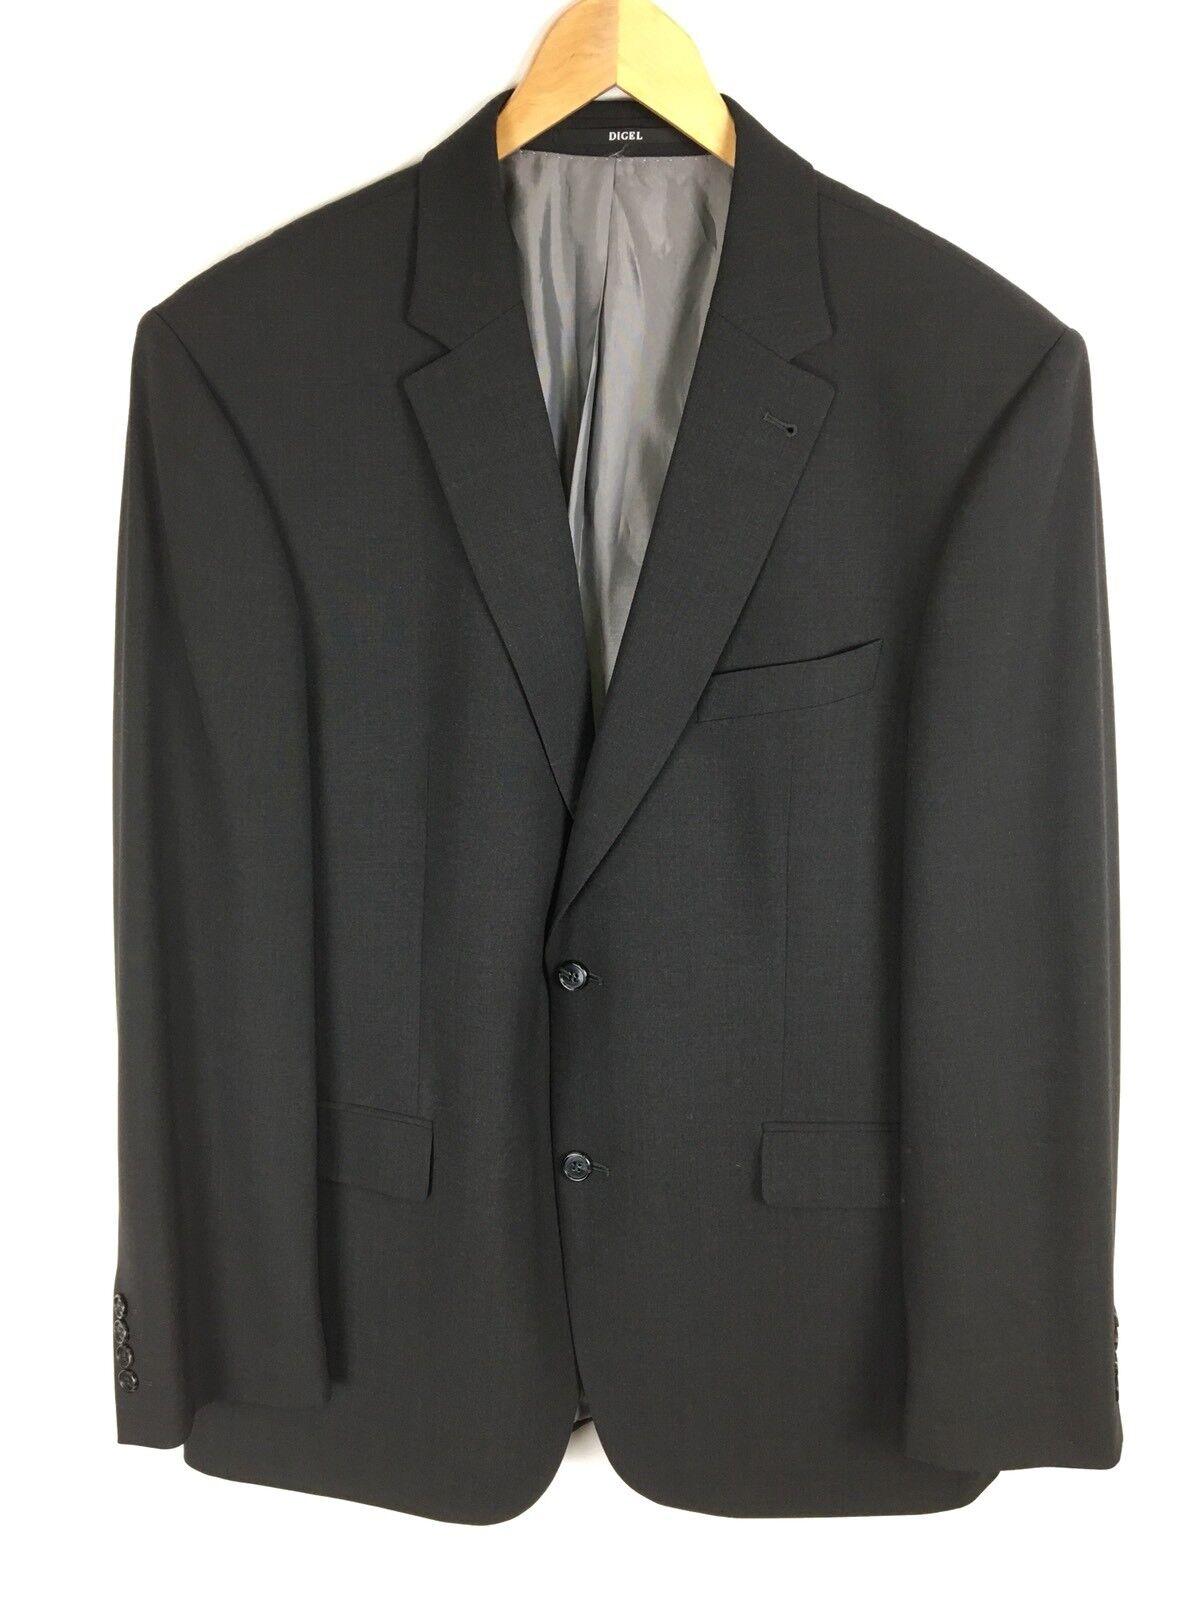 DIGEL Sakko, schwarz, Größe 54